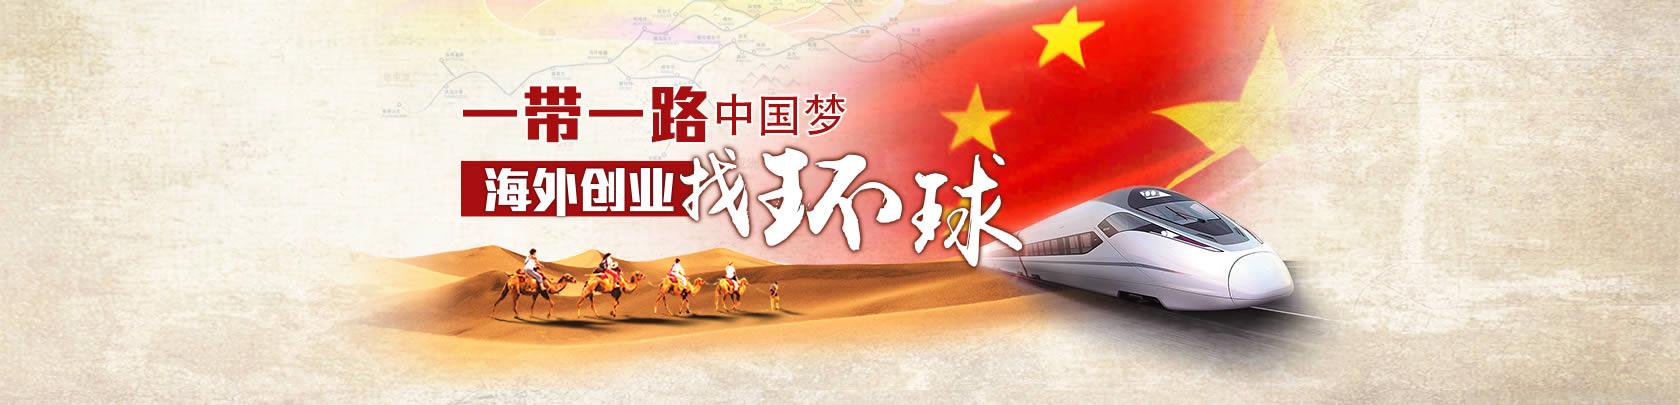 """【环球出国】""""一带一路""""中国梦,海外创业找环球"""